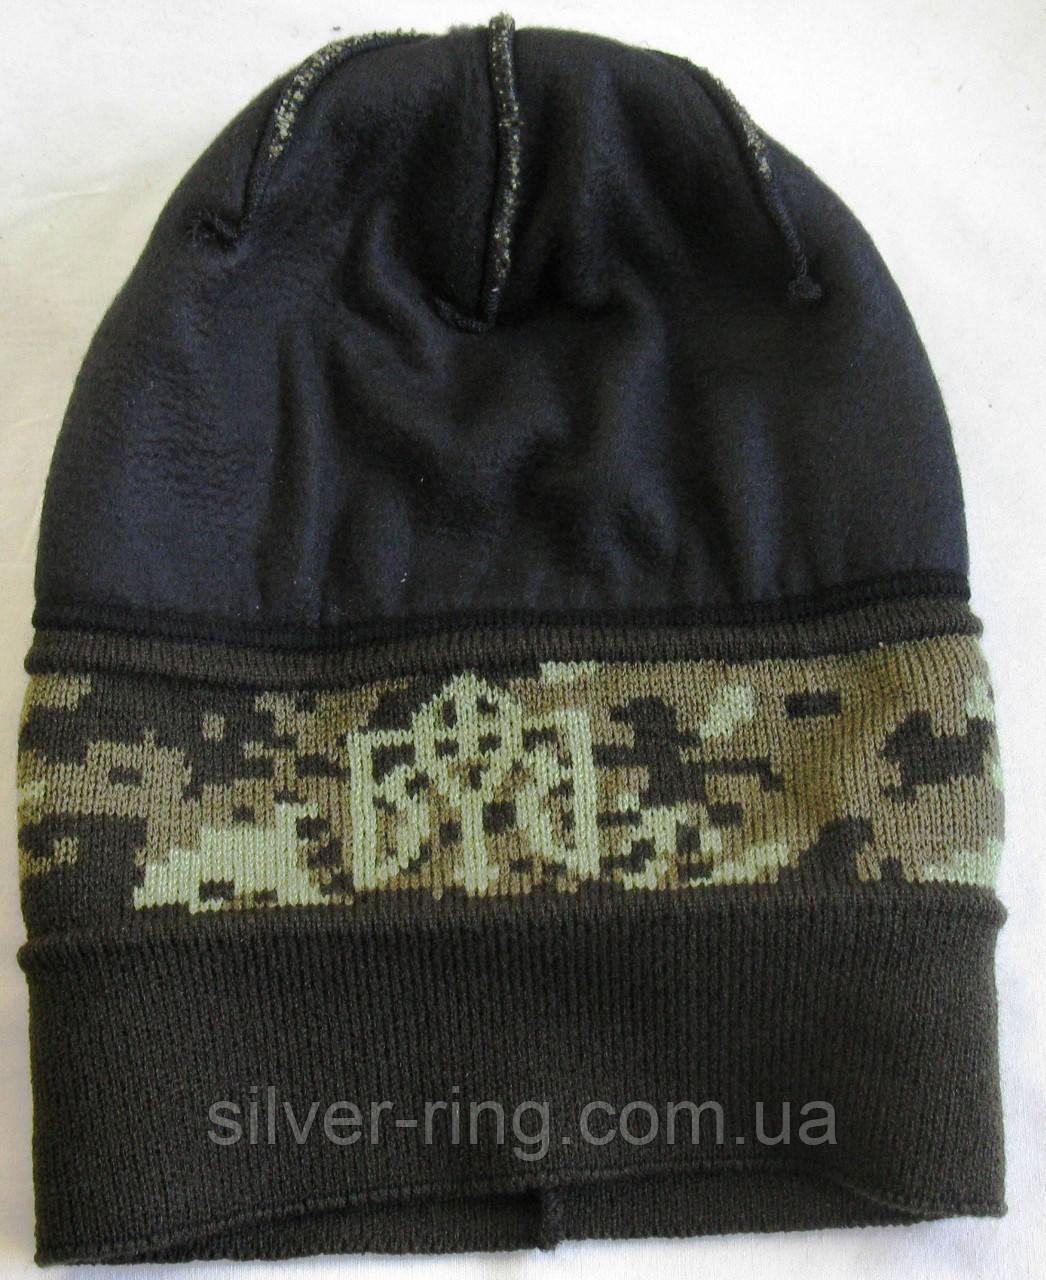 №1 -  Вязаная шапка пиксель с под воротом и гербом Украины флисом на всю голову